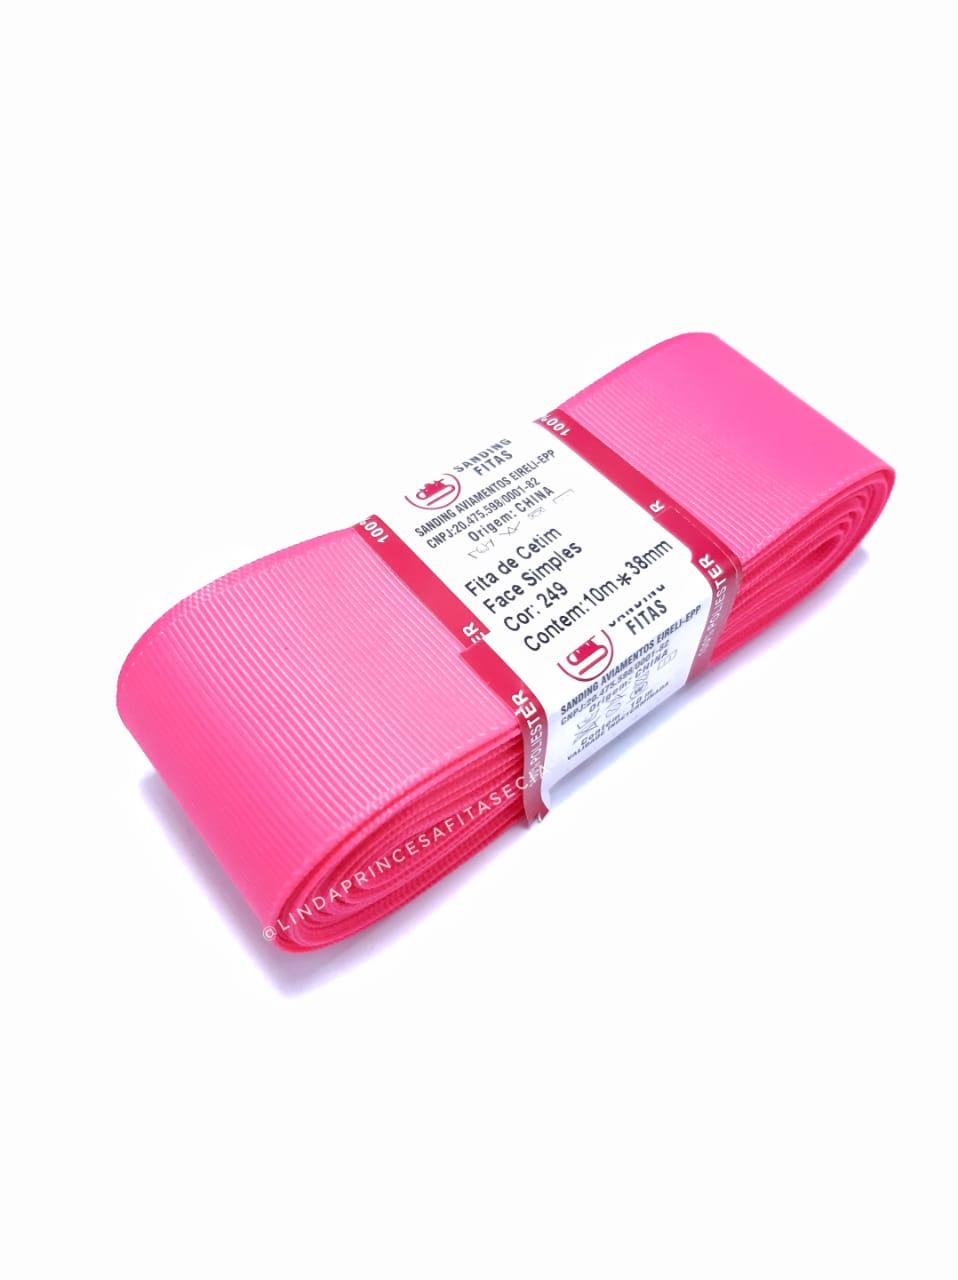 FITA SANDING - Cor: 249 Rosa Neon